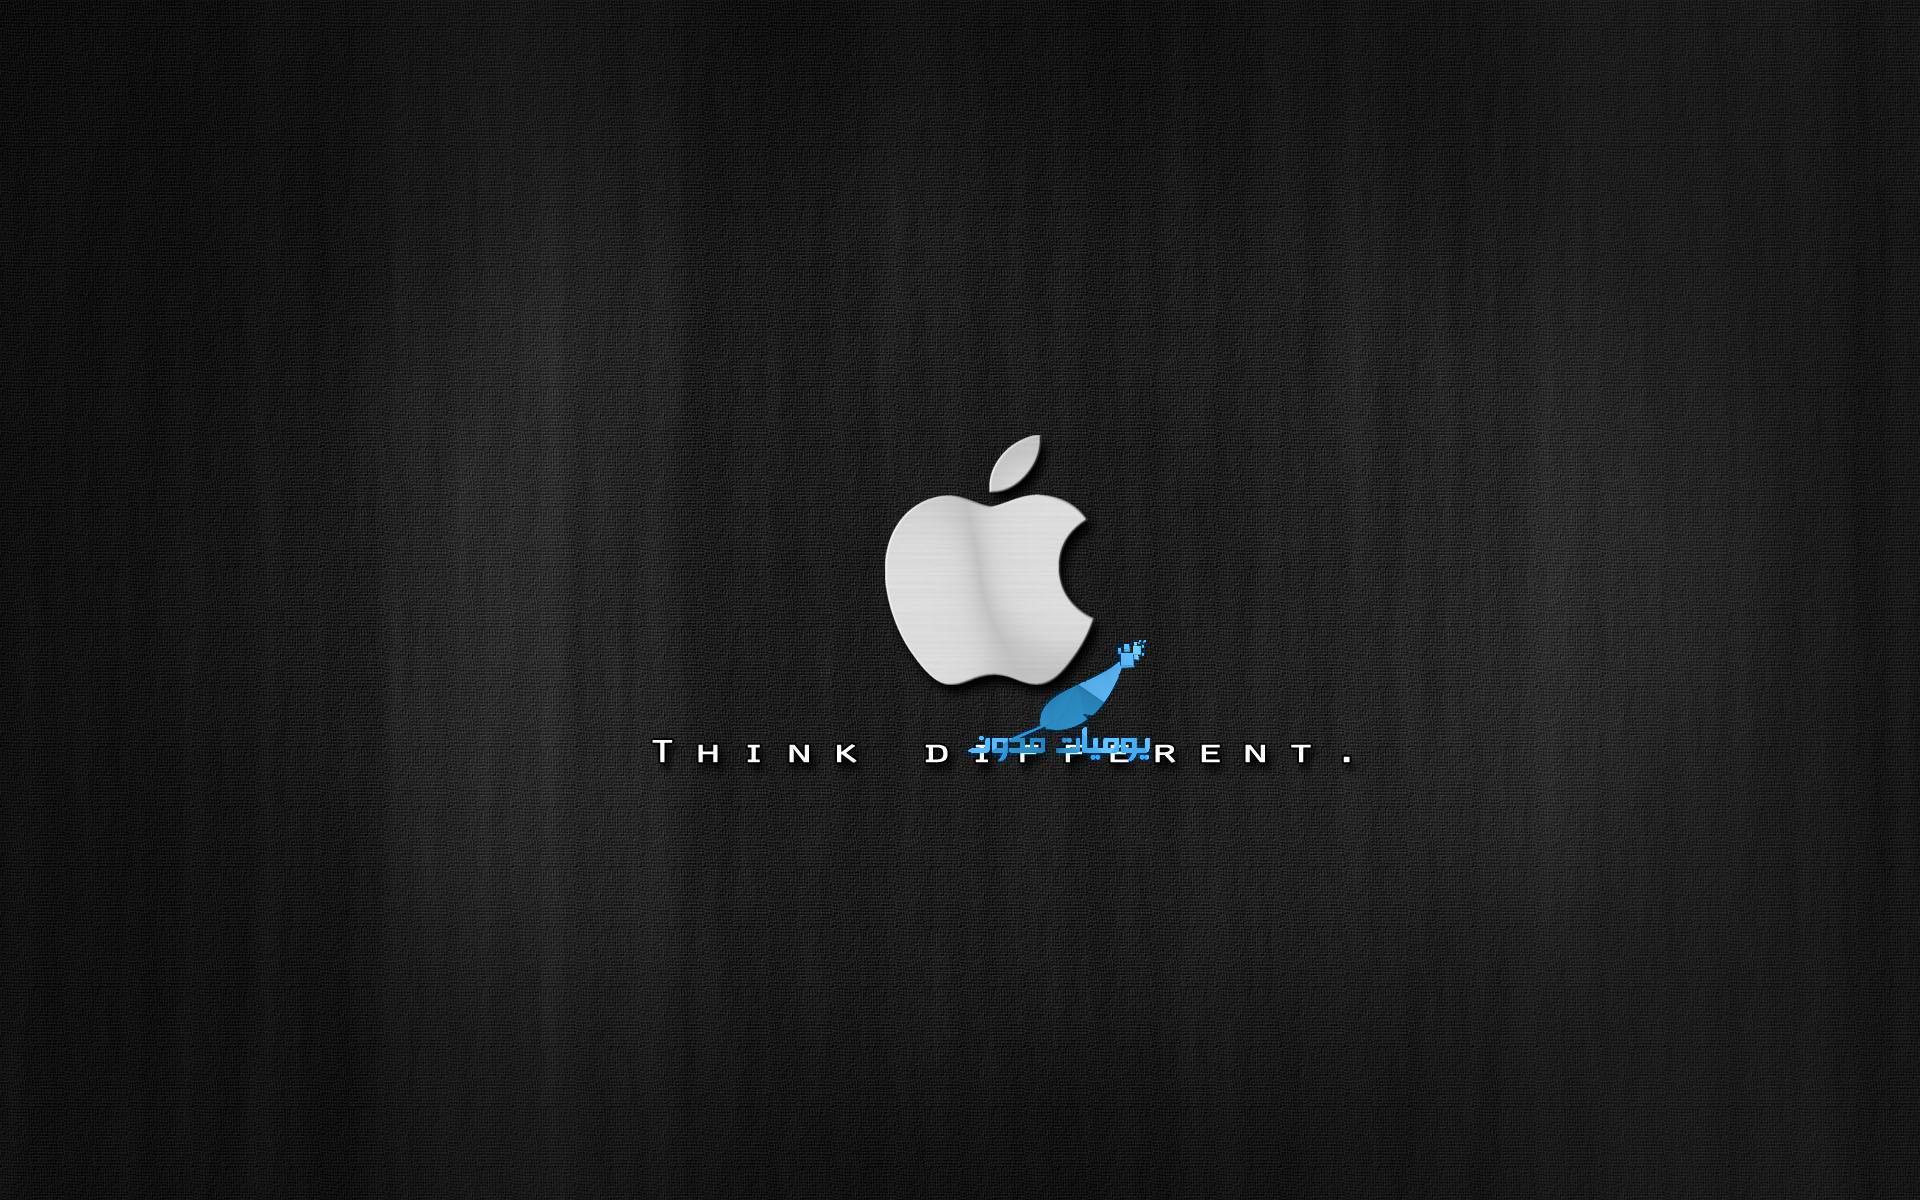 aaa - كل ما تريد معرفته عن مؤتمر Apple الأخير